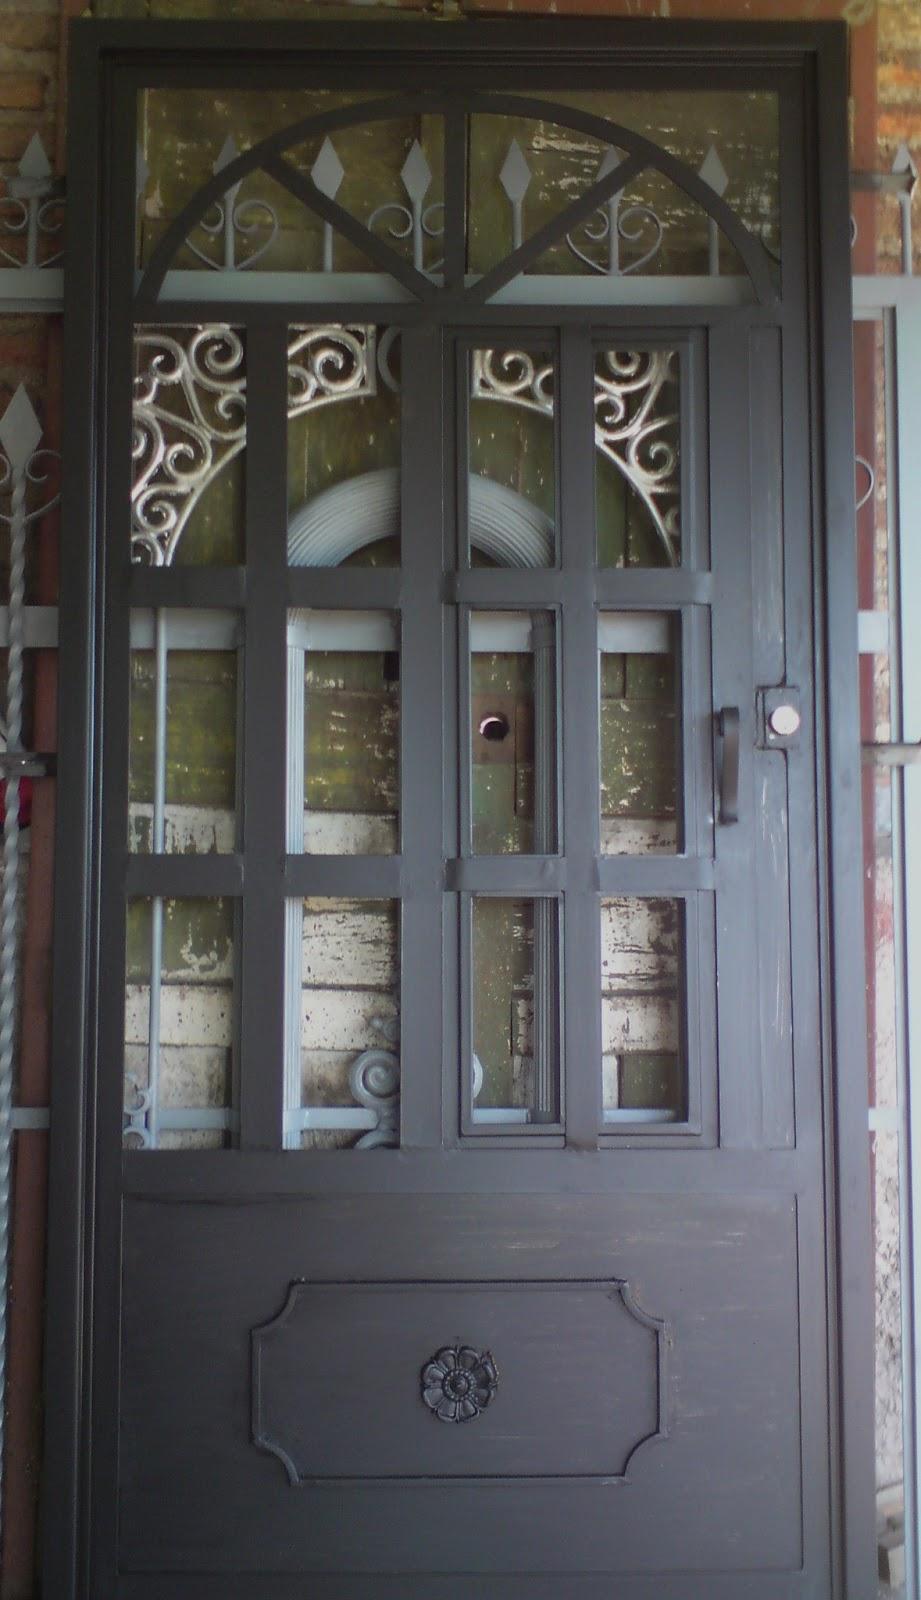 Herreria rober galeria de puertas for Puertas principales de herreria casas